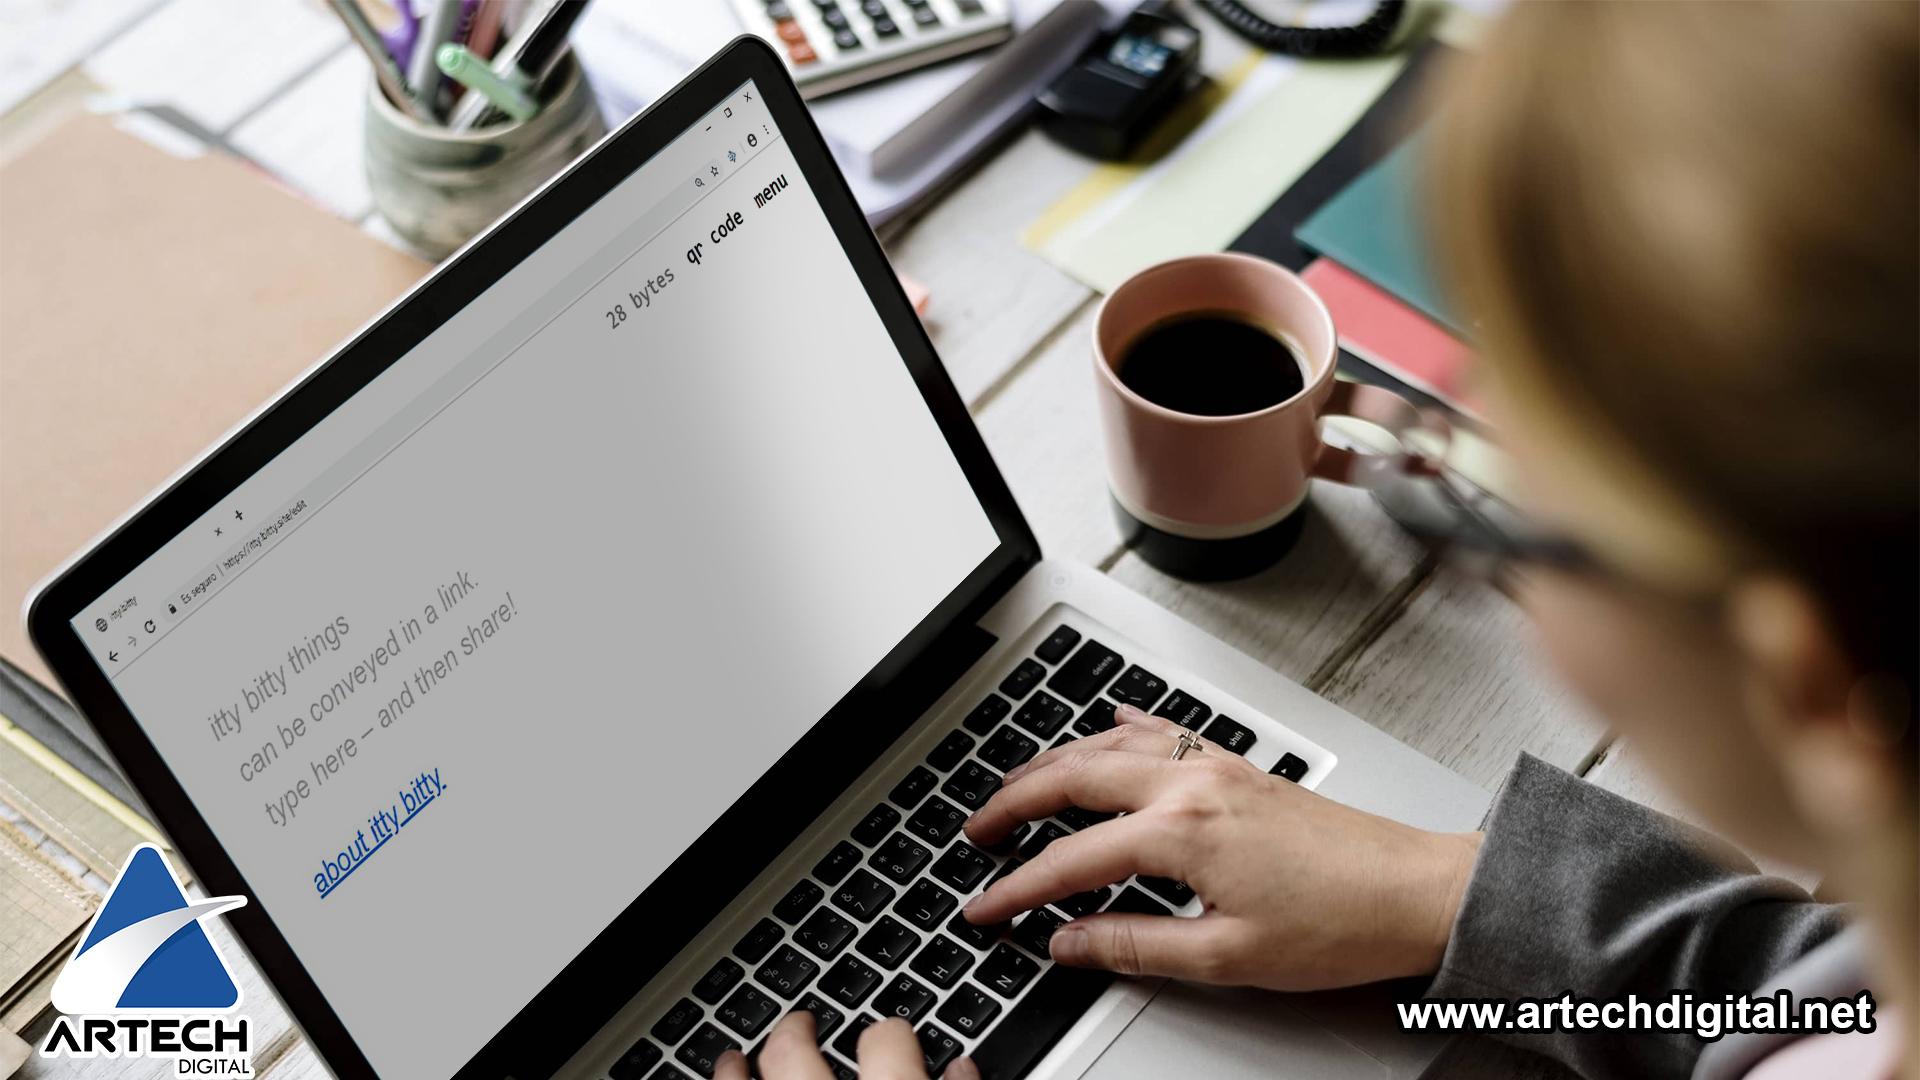 ¿Conoces Itty Bitty? Es la herramienta que te ayudará a codificar una web completa dentro de la dirección URL